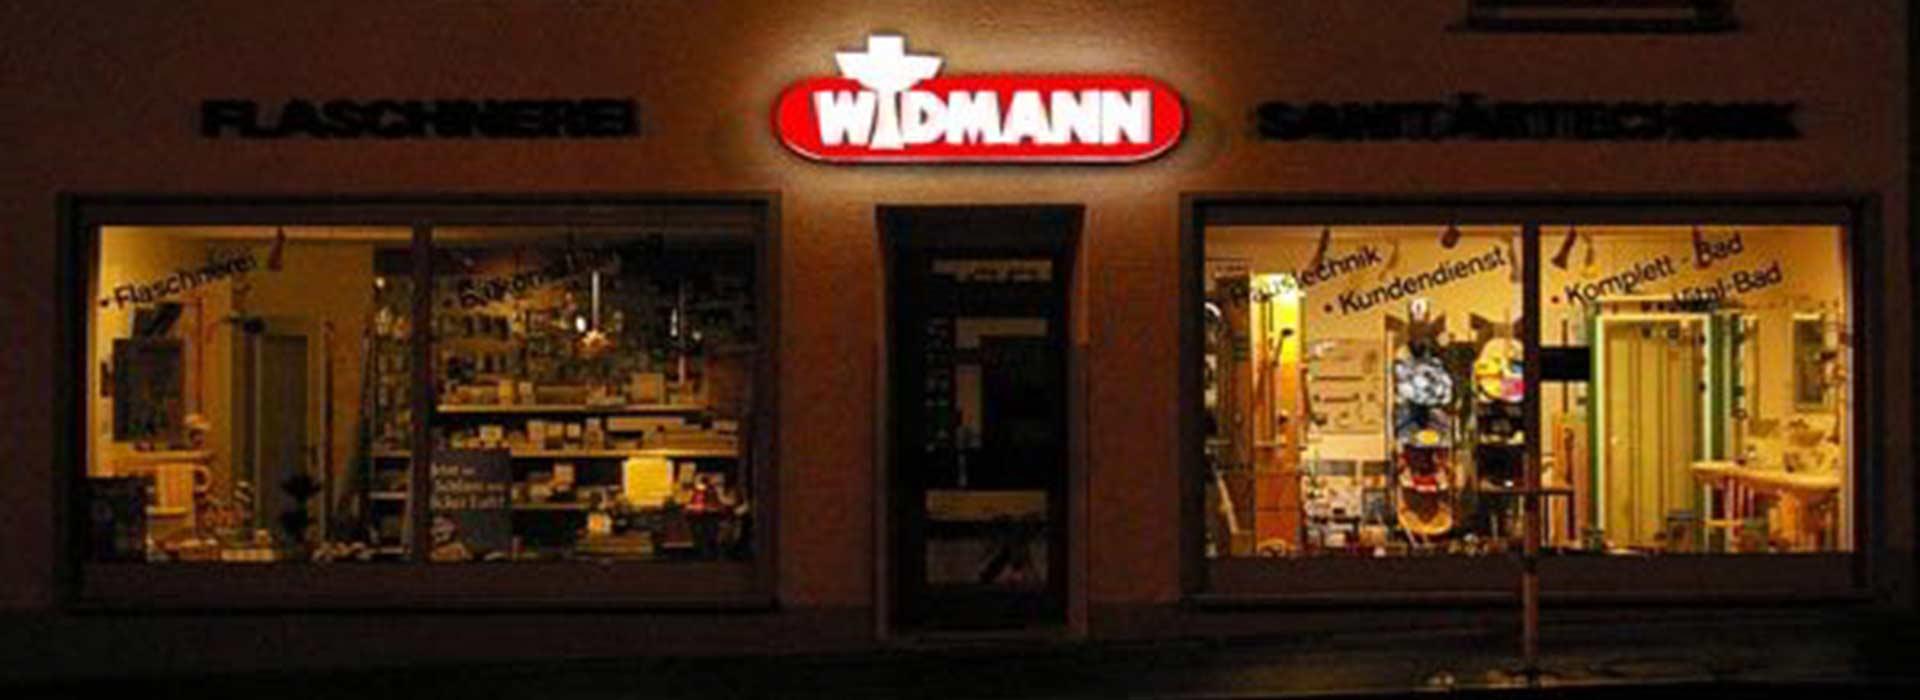 widmann-header